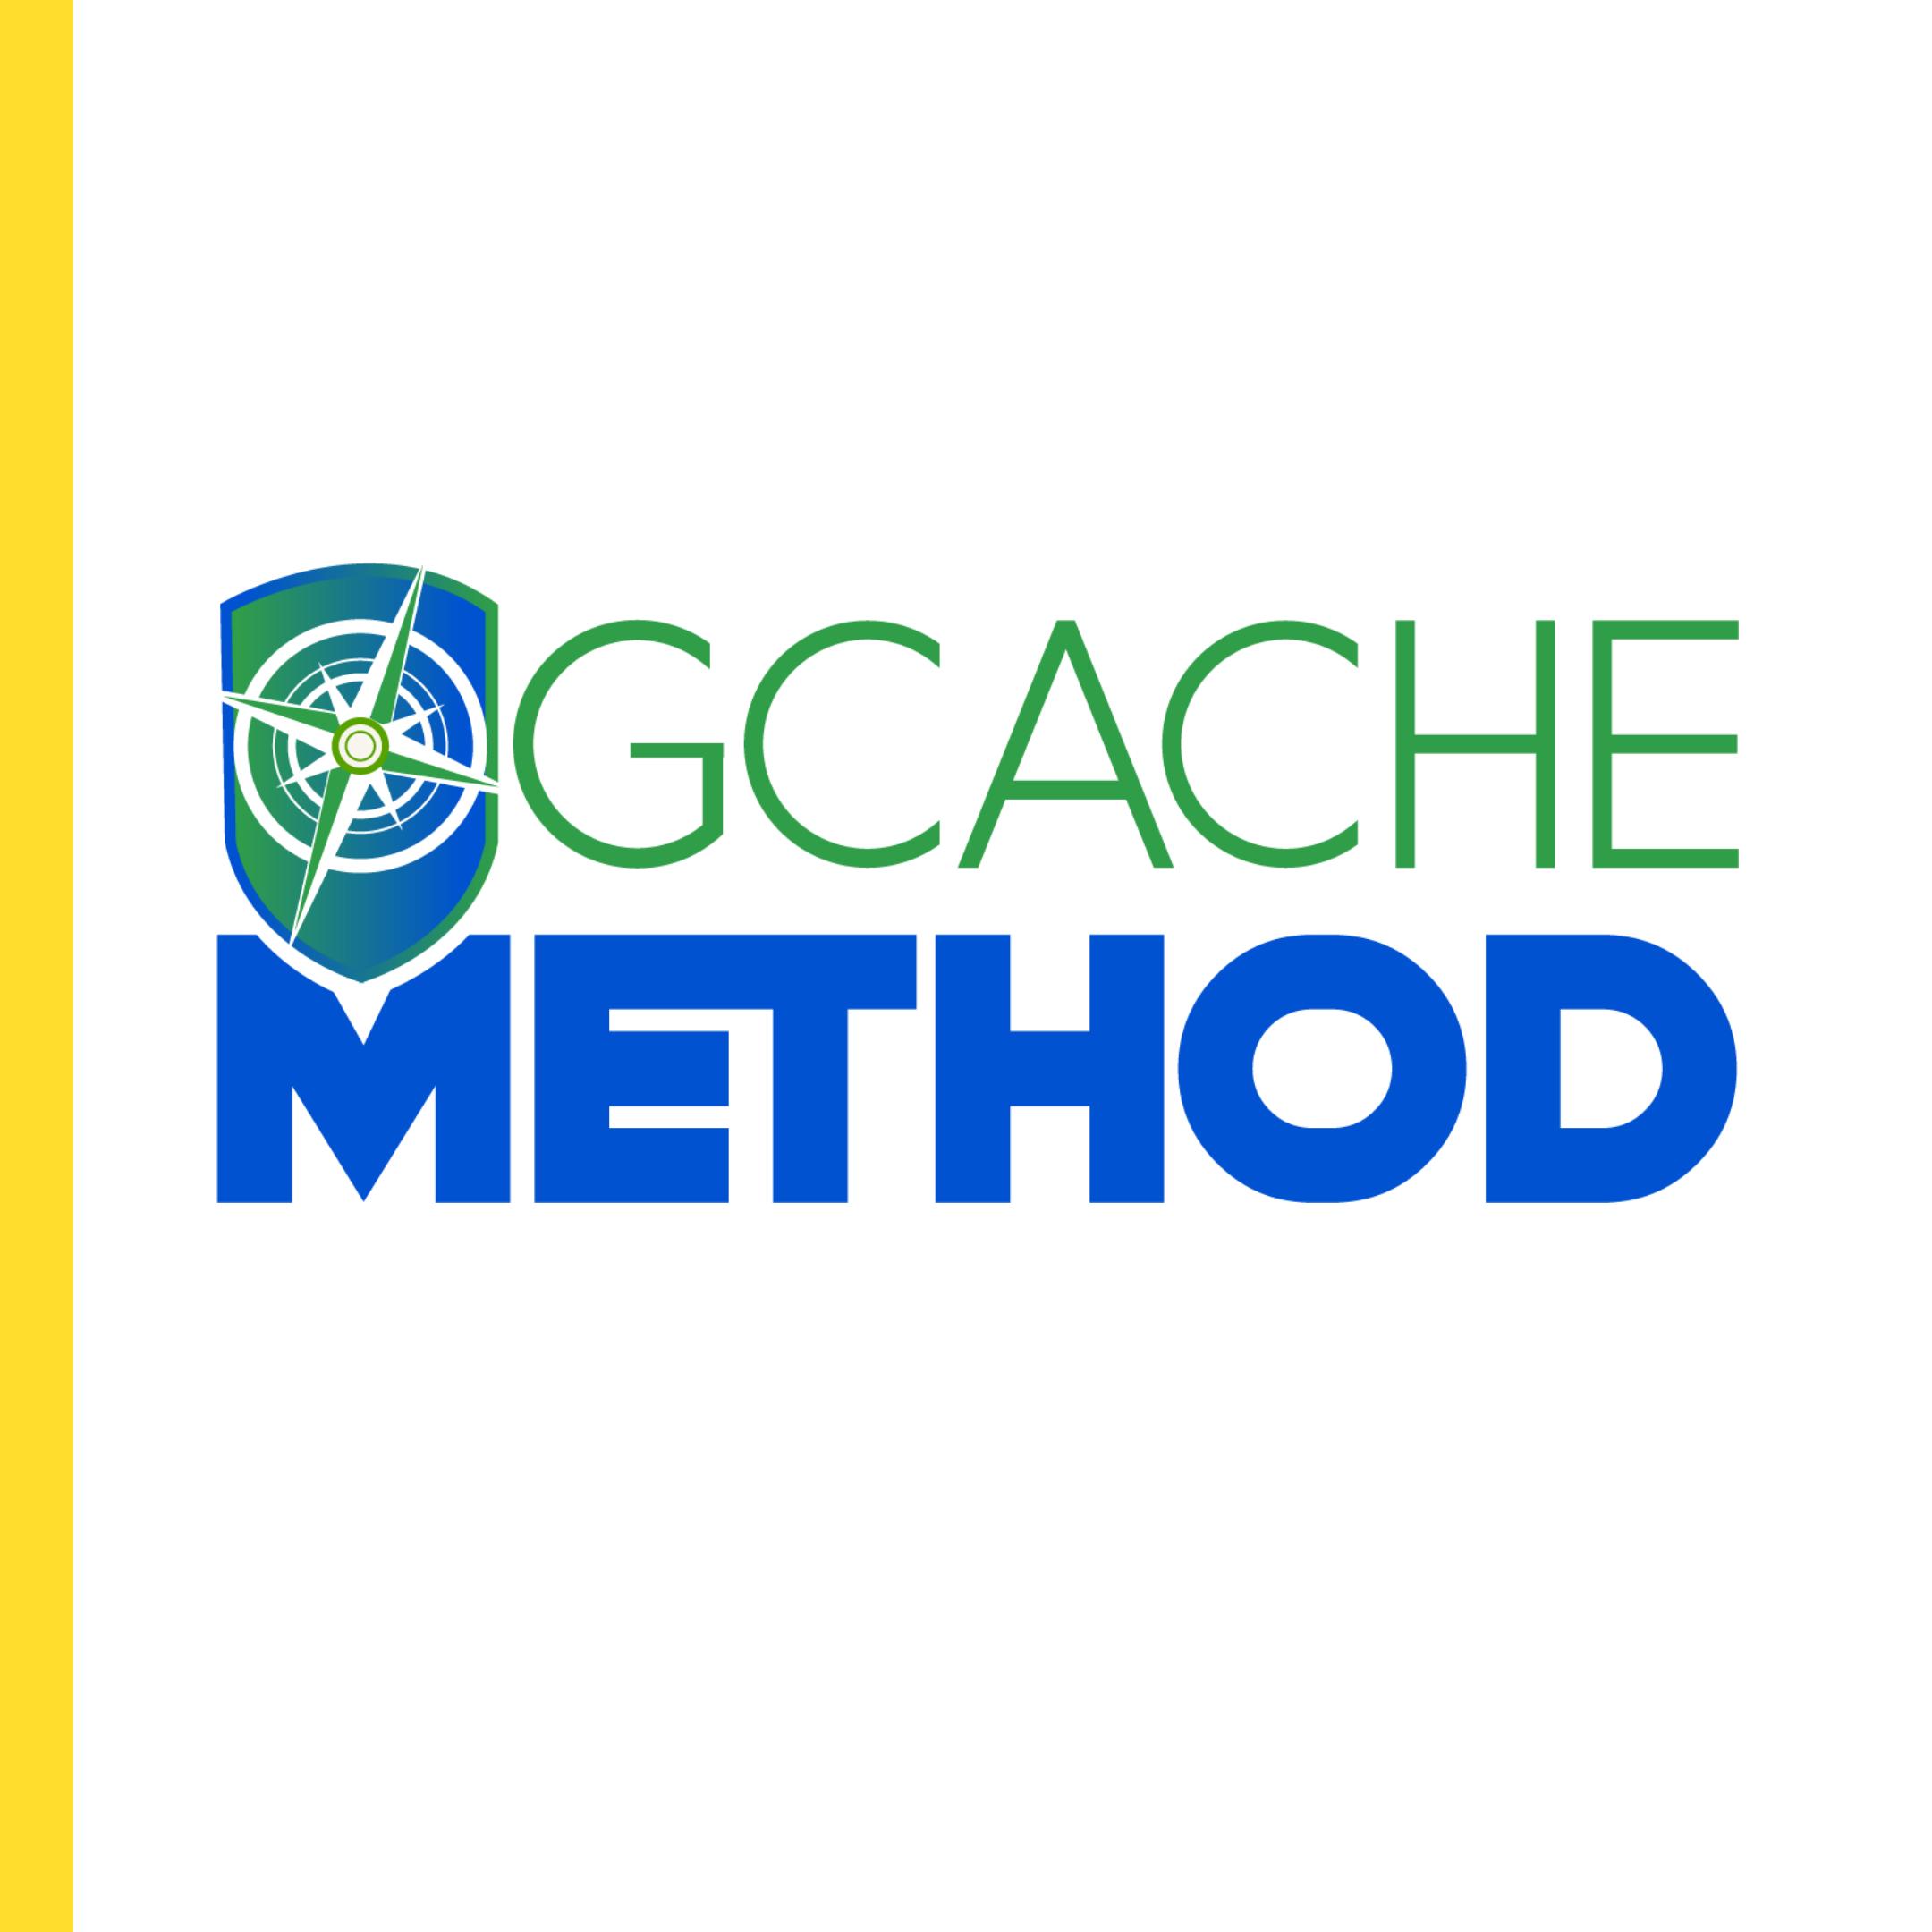 GeoCache Method